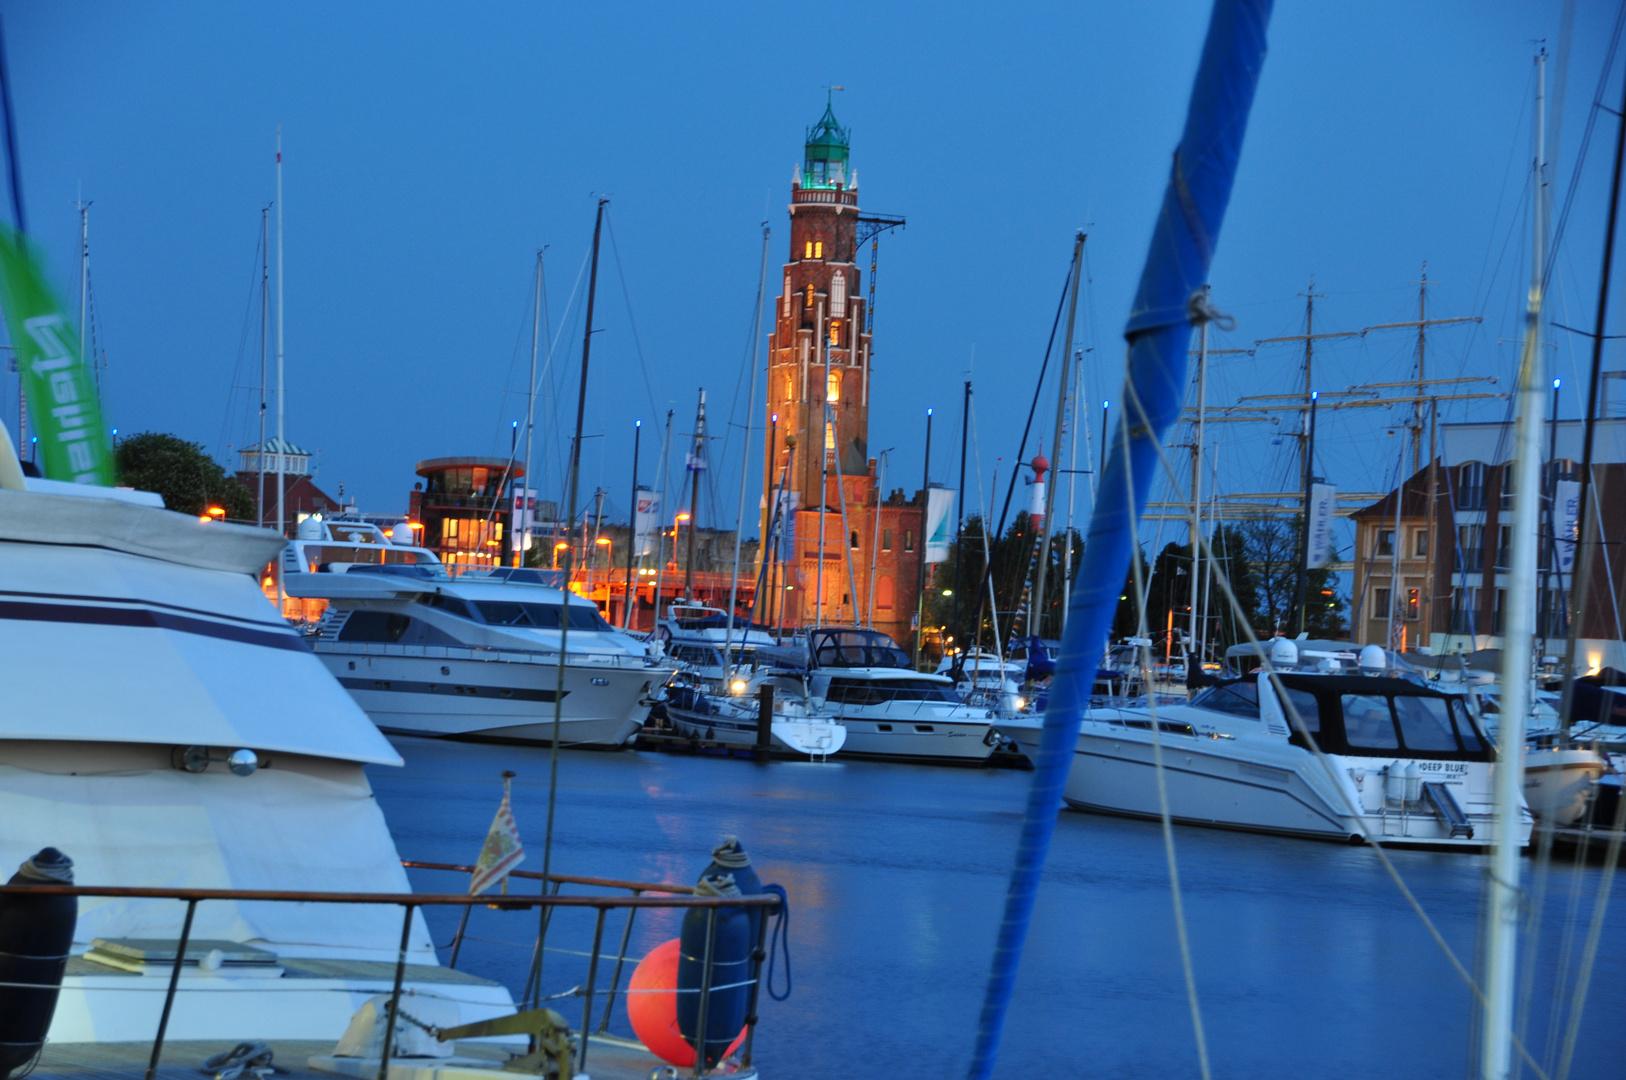 Hafen in der Blauen Stunde